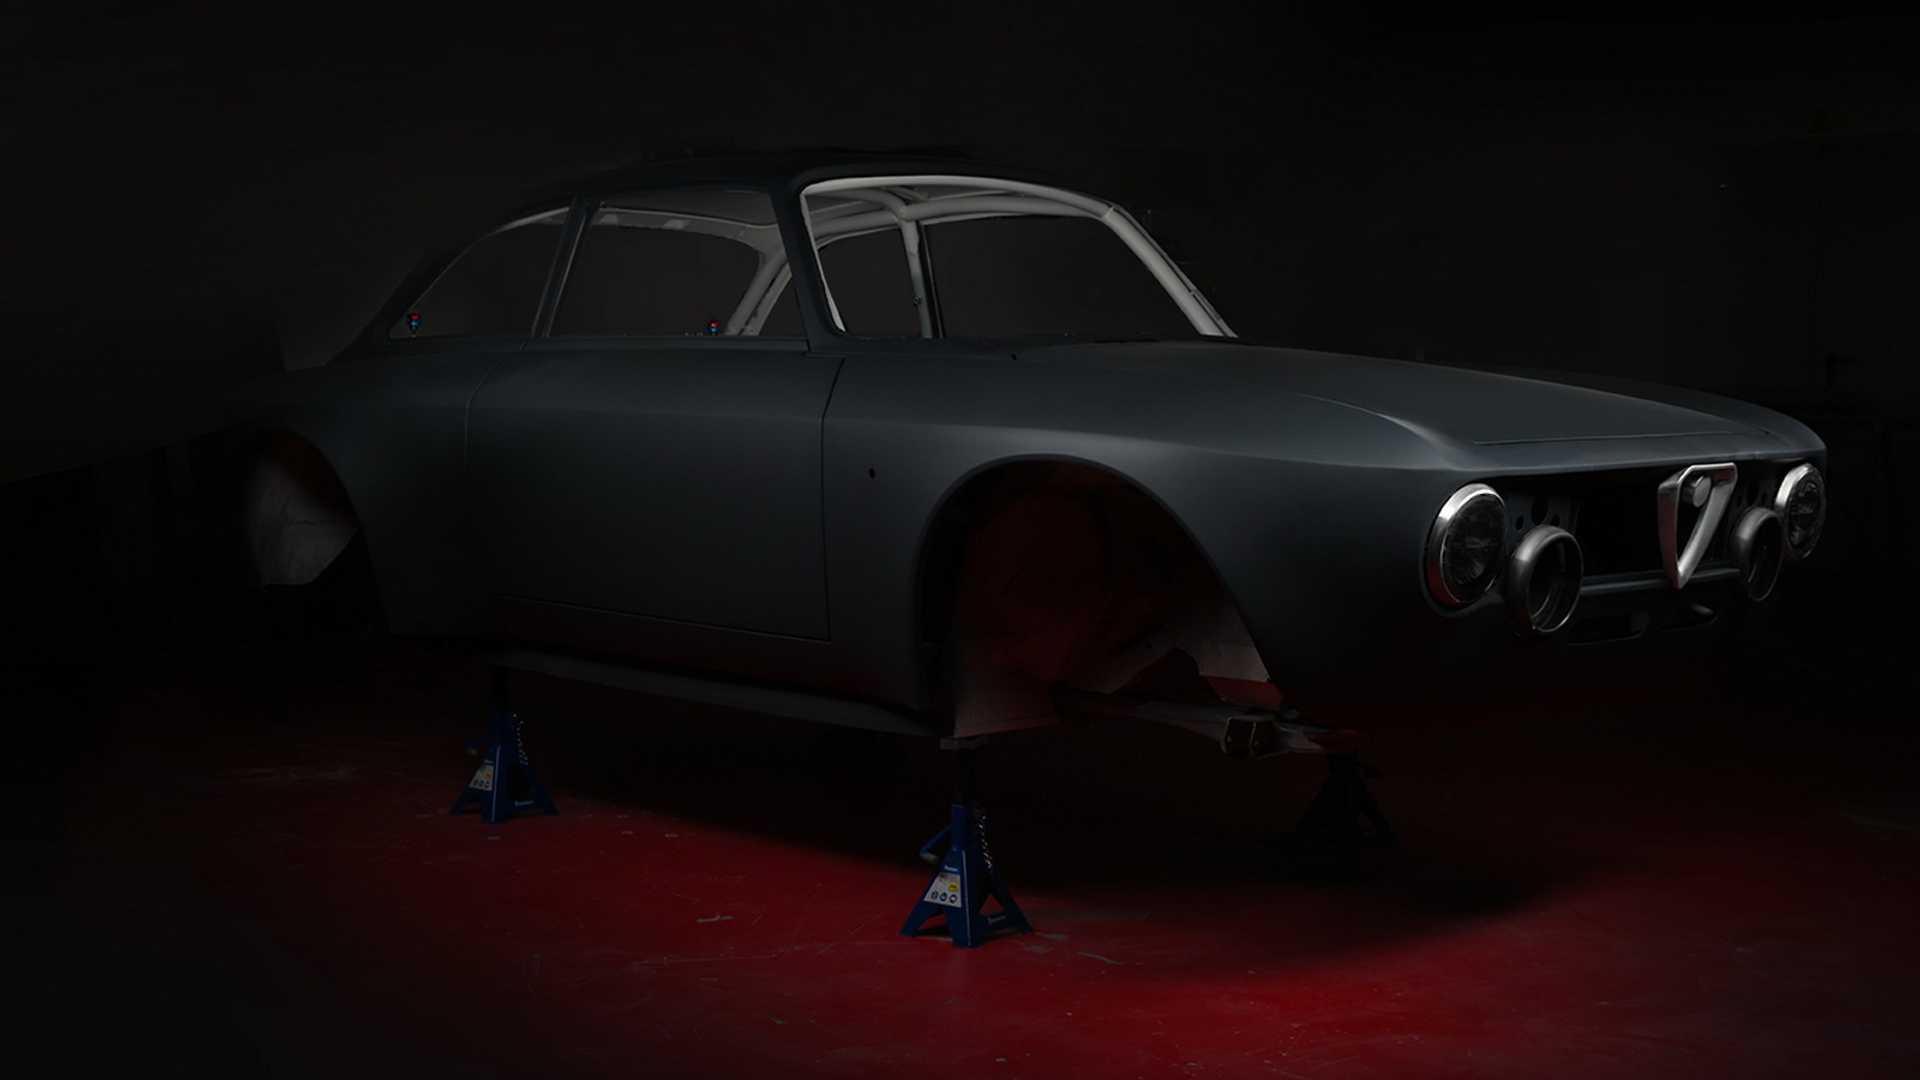 阿尔法·罗密欧GT Junior碳纤维电动汽车 最大功率达518hp